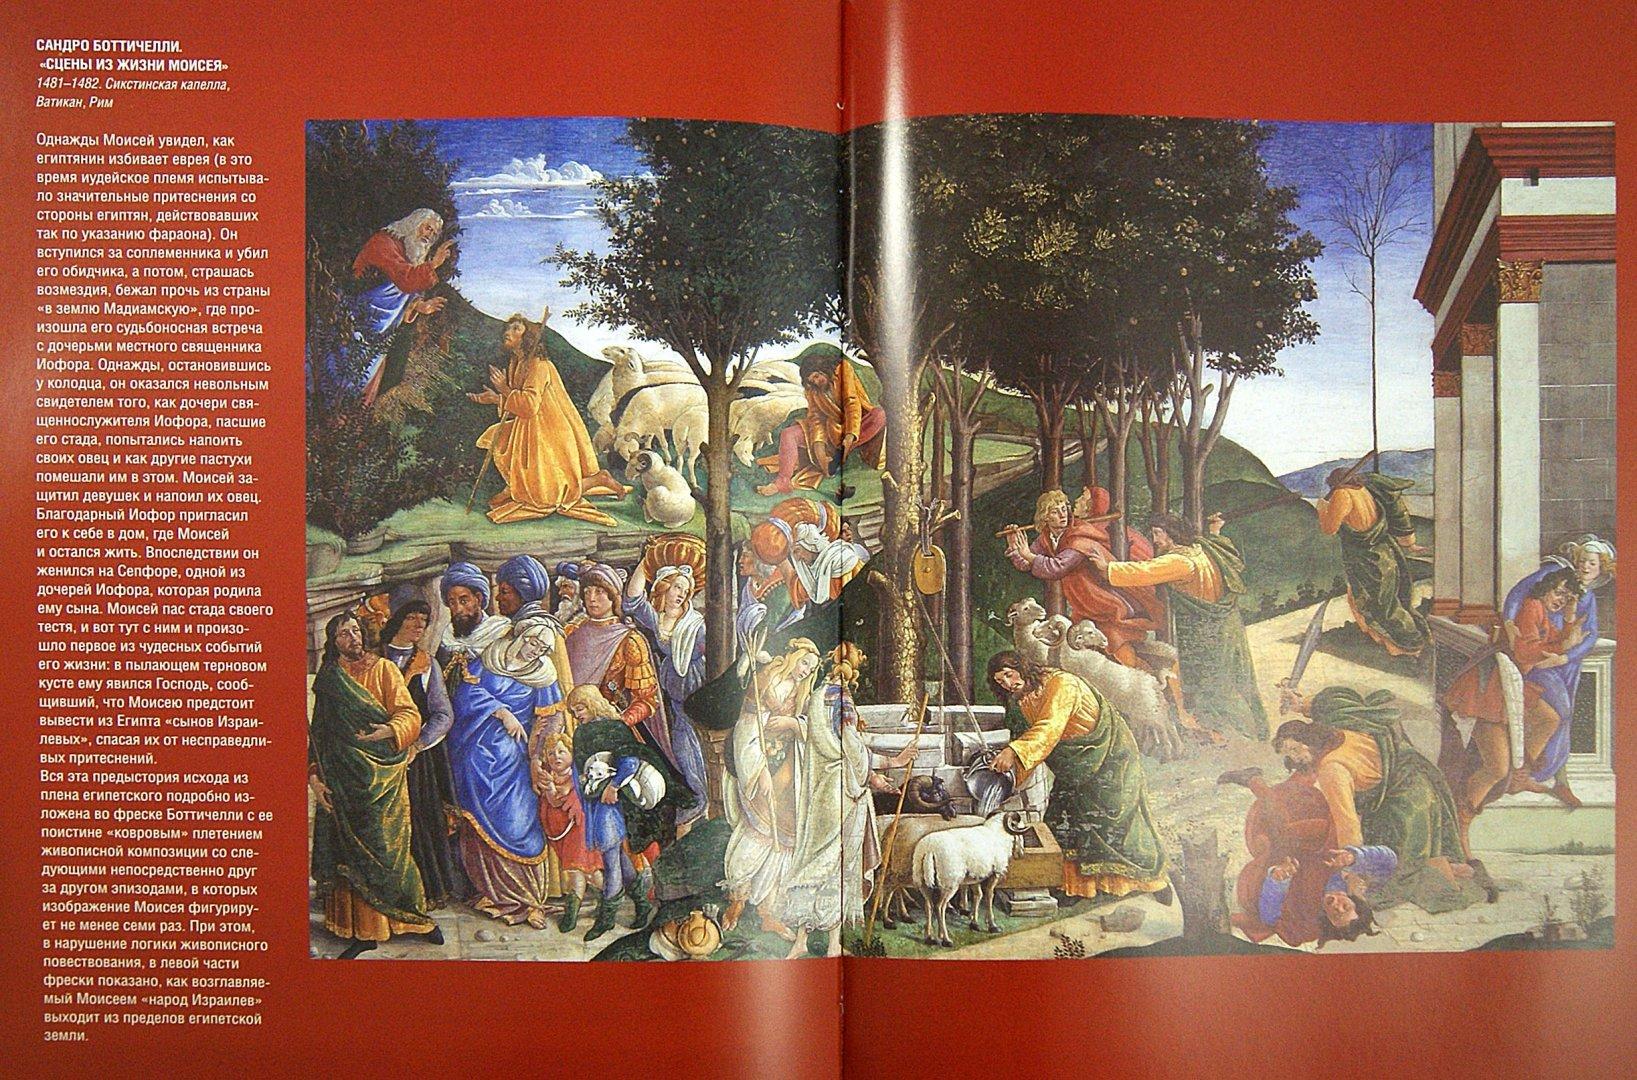 Иллюстрация 1 из 24 для Живопись итальянского Возрождения - Евгений Яйленко   Лабиринт - книги. Источник: Лабиринт